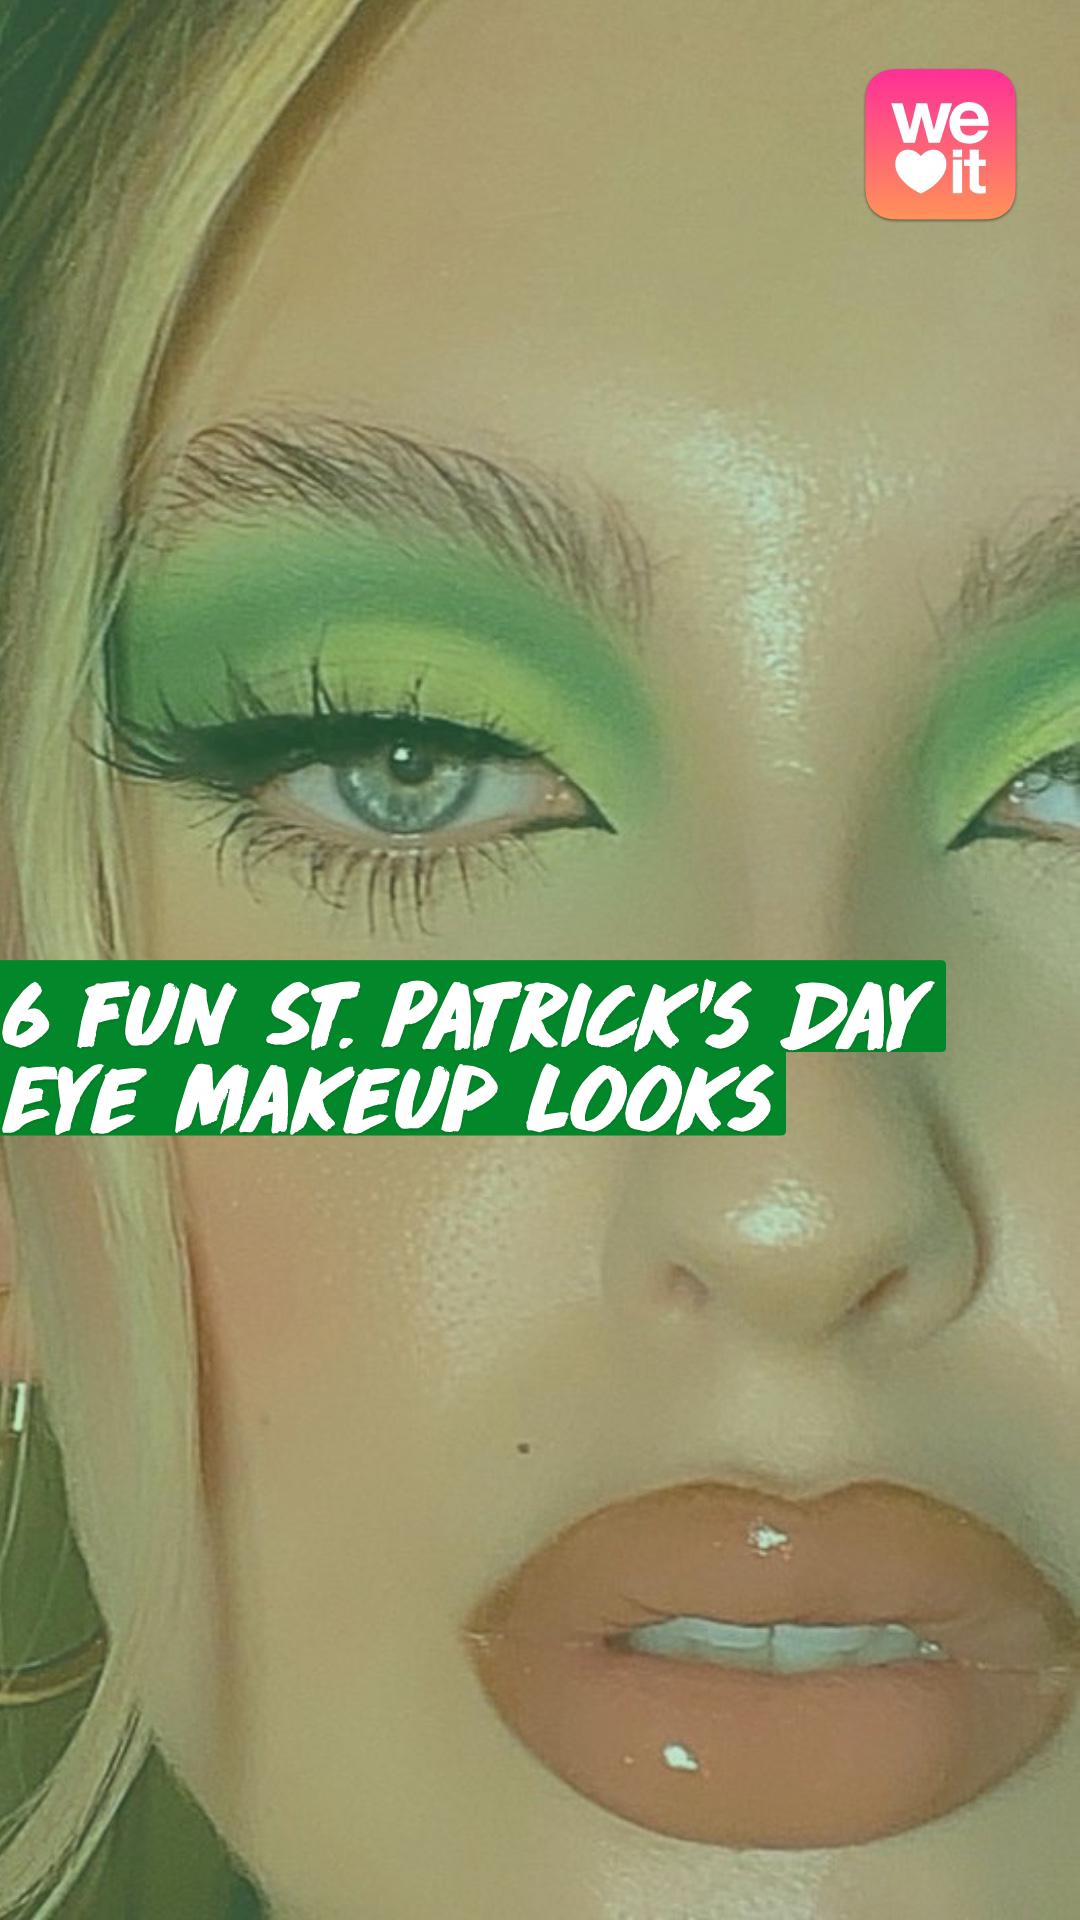 6 Fun St. Patrick's Day Eye Makeup Looks